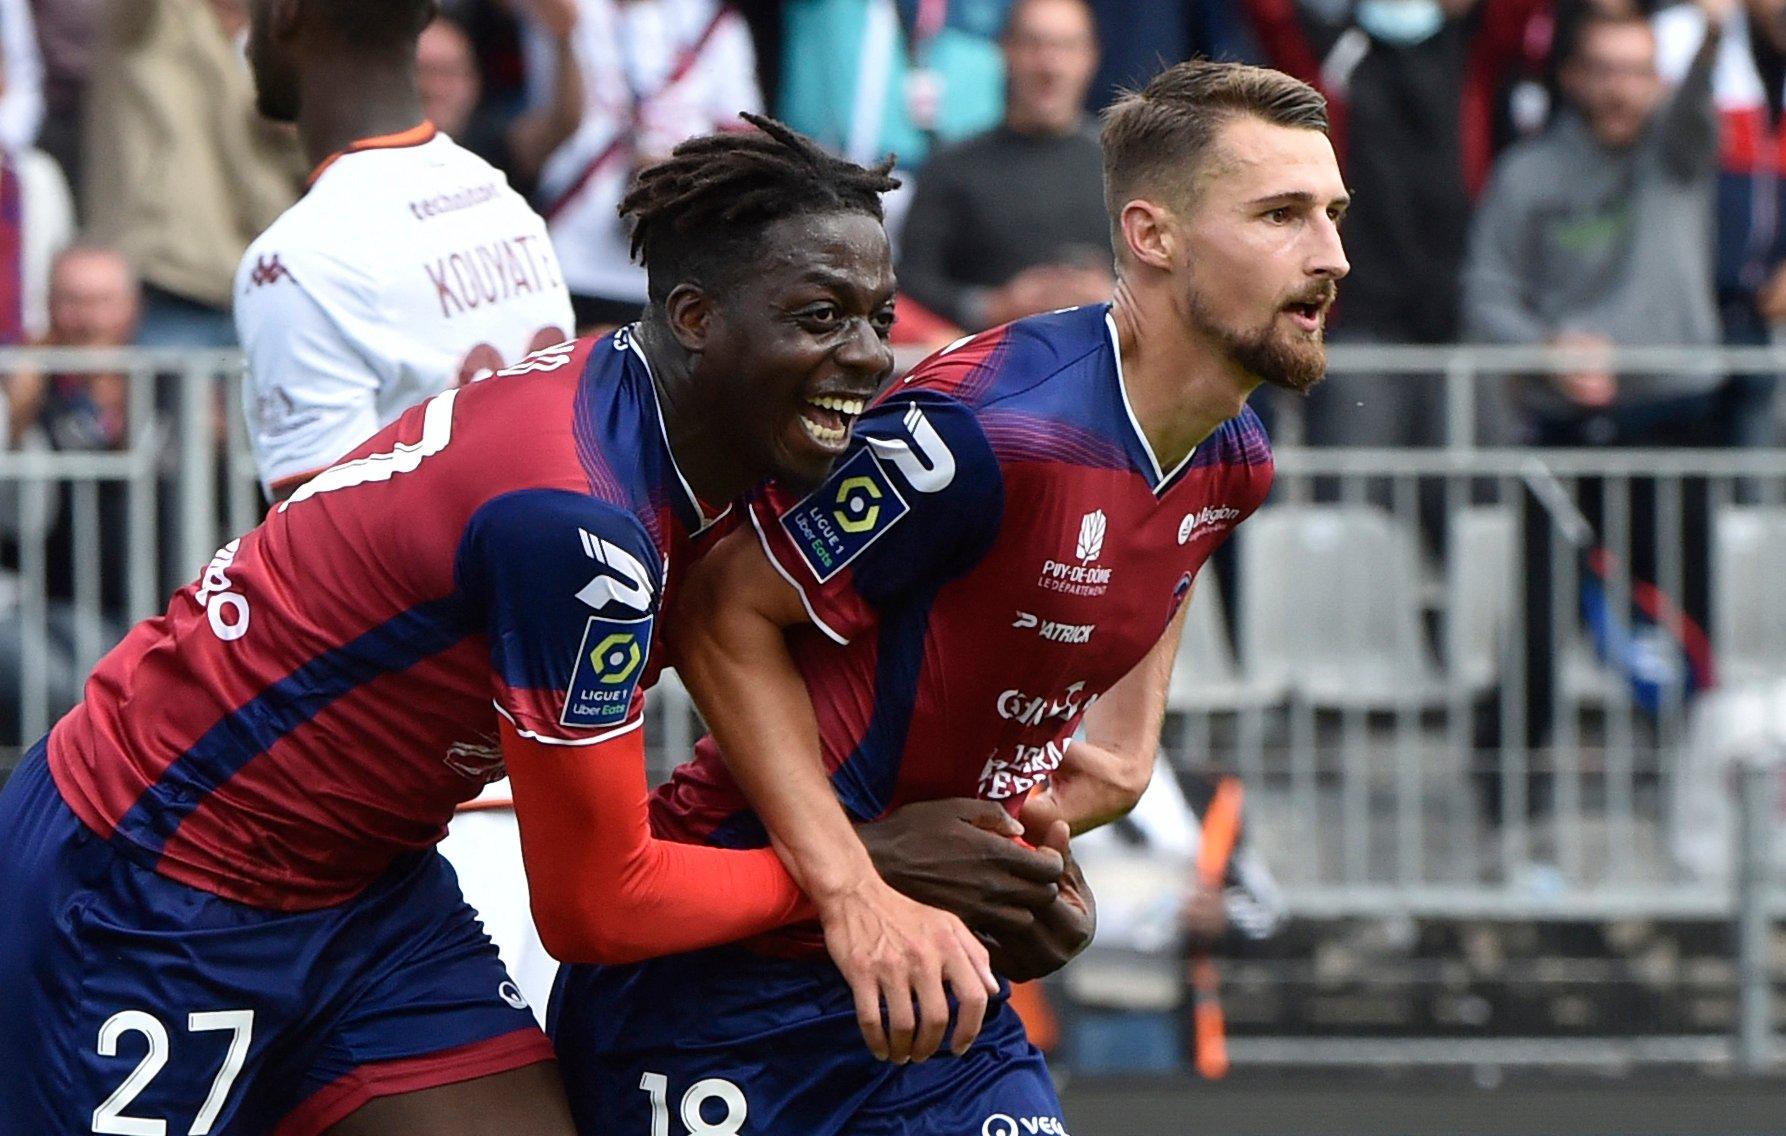 Ligue 1-profil jubler over Nettavisen og Amedias rettighetskjøp: - Veldig, veldig kult - Nettavisen